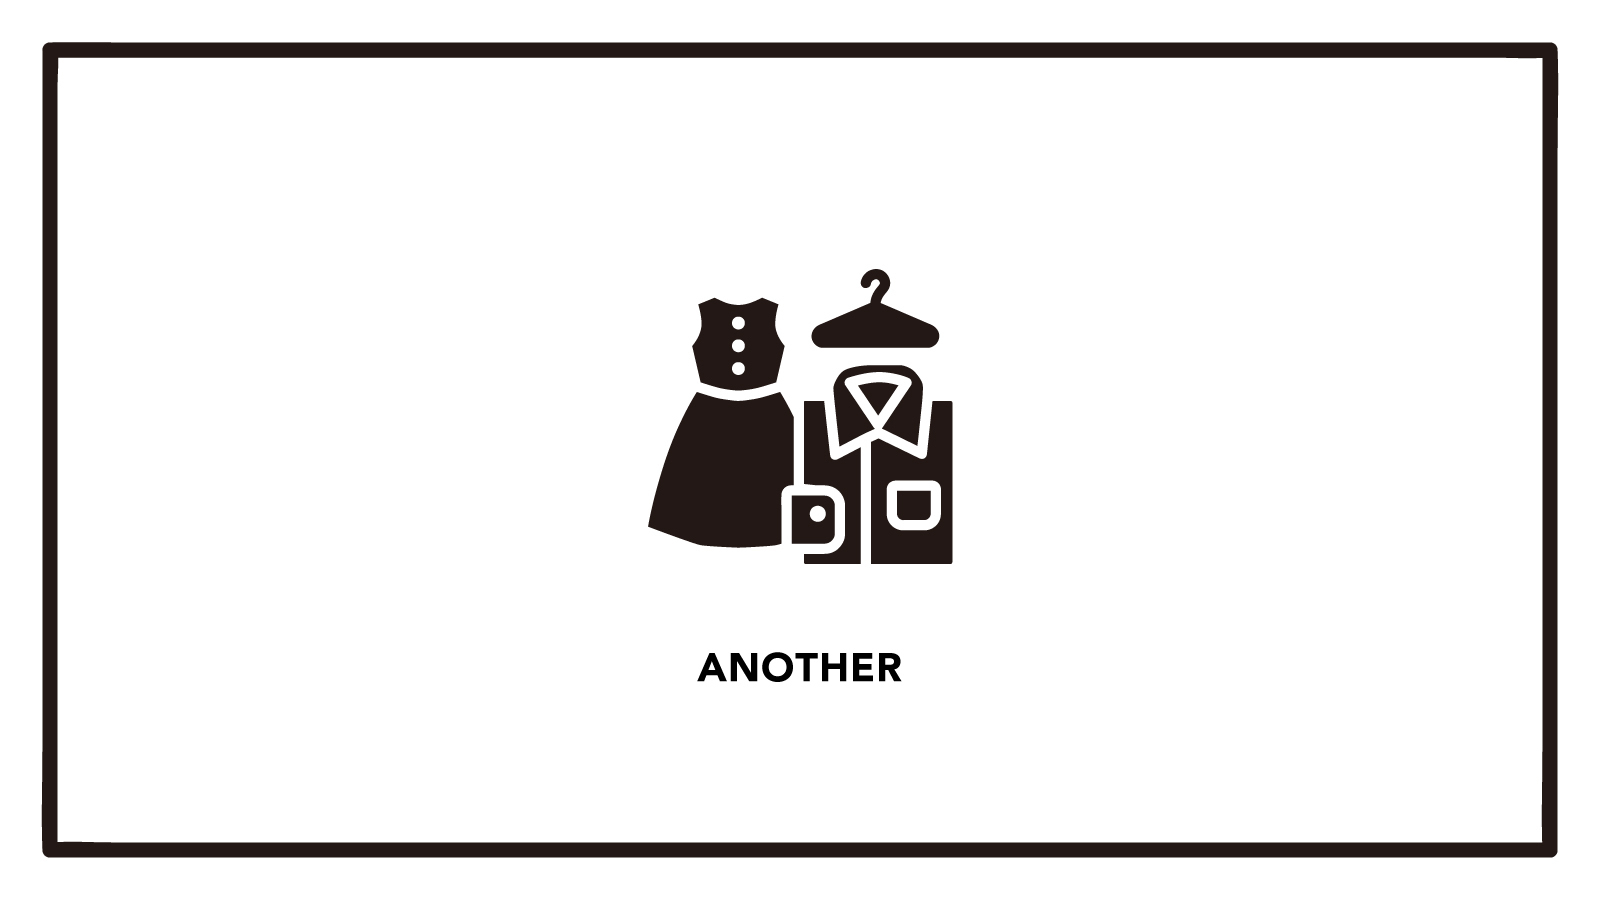 商品調達管理(DB)を募集しています|日本初・日本最大級のファッション×IT企業のカバー写真